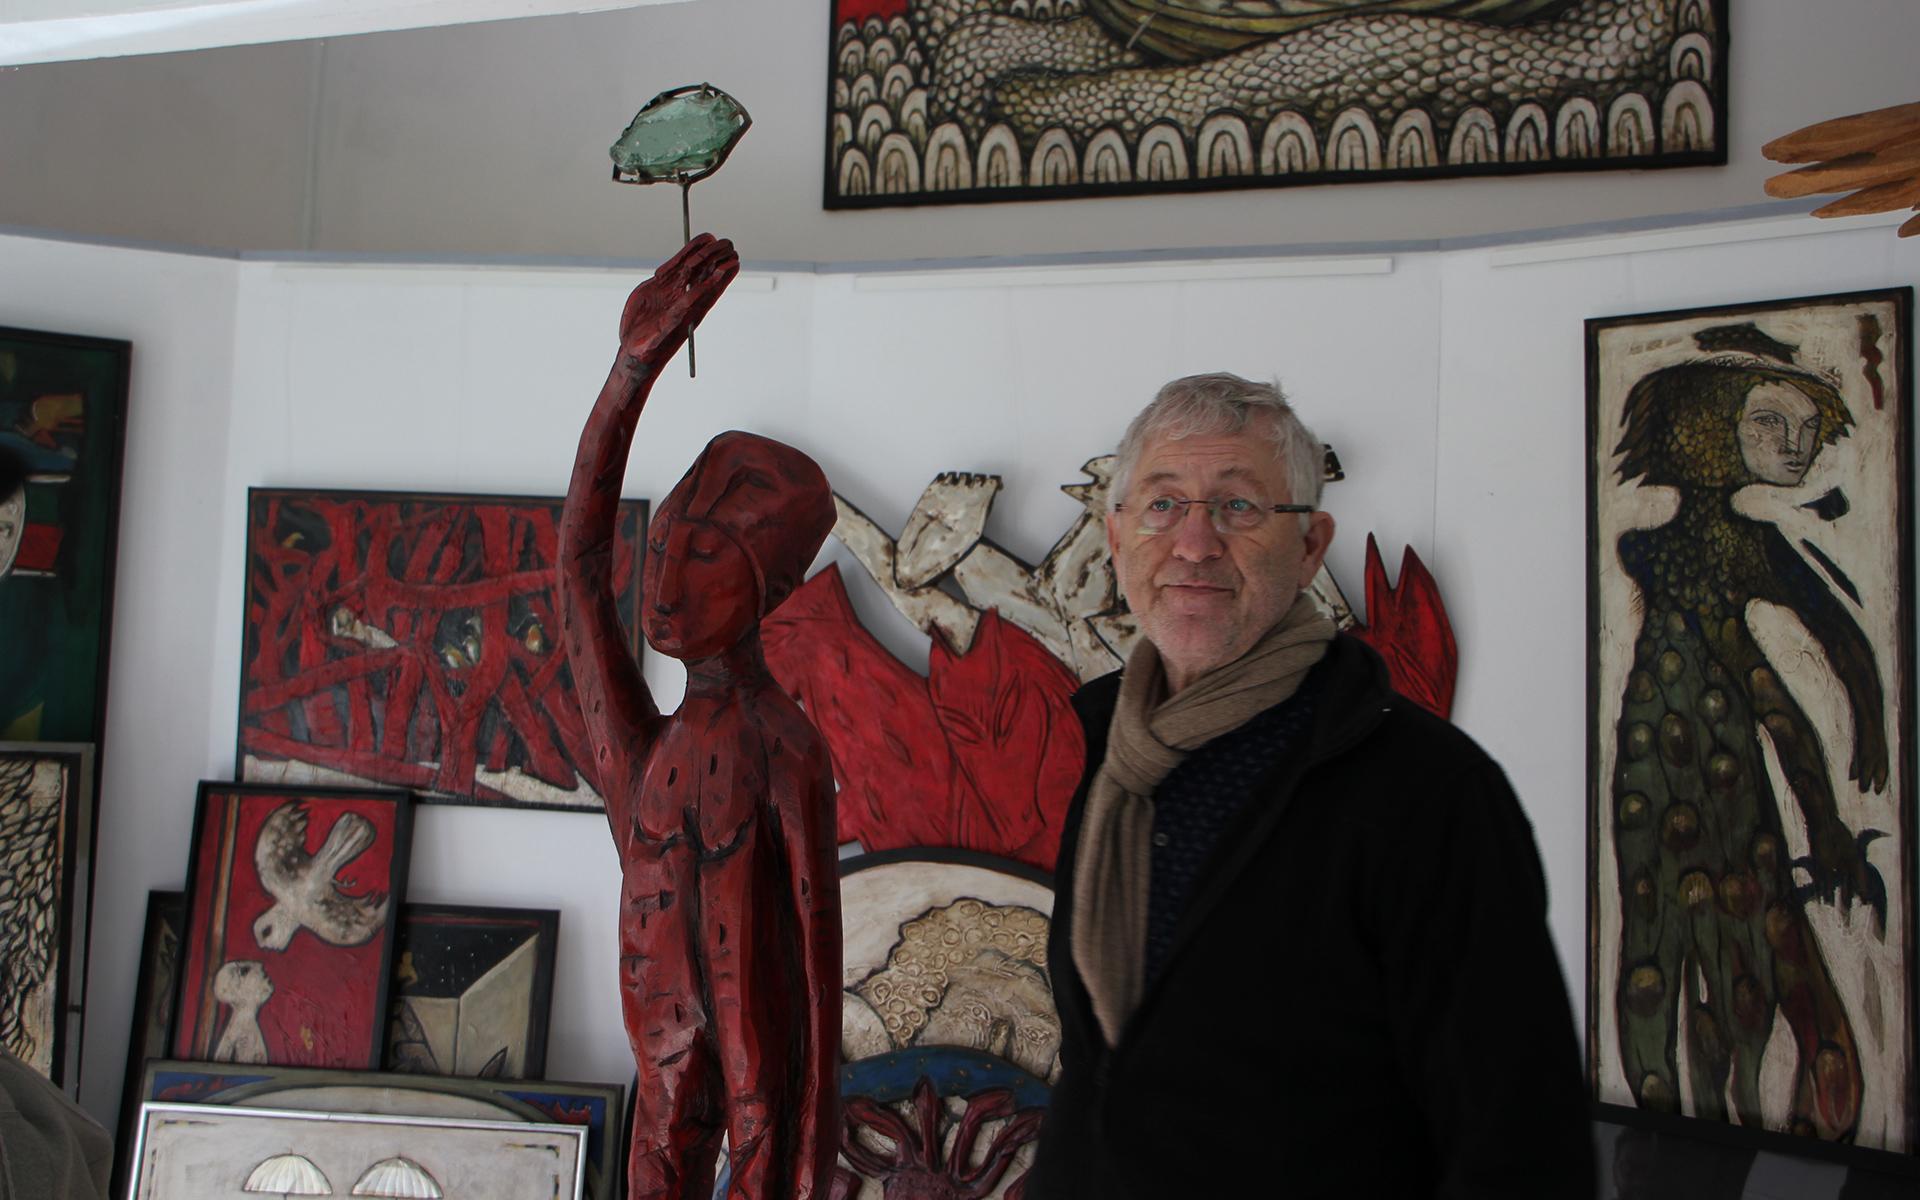 Kunsttour Karwe - Galerie mit roten Gemälden und Skulpturen